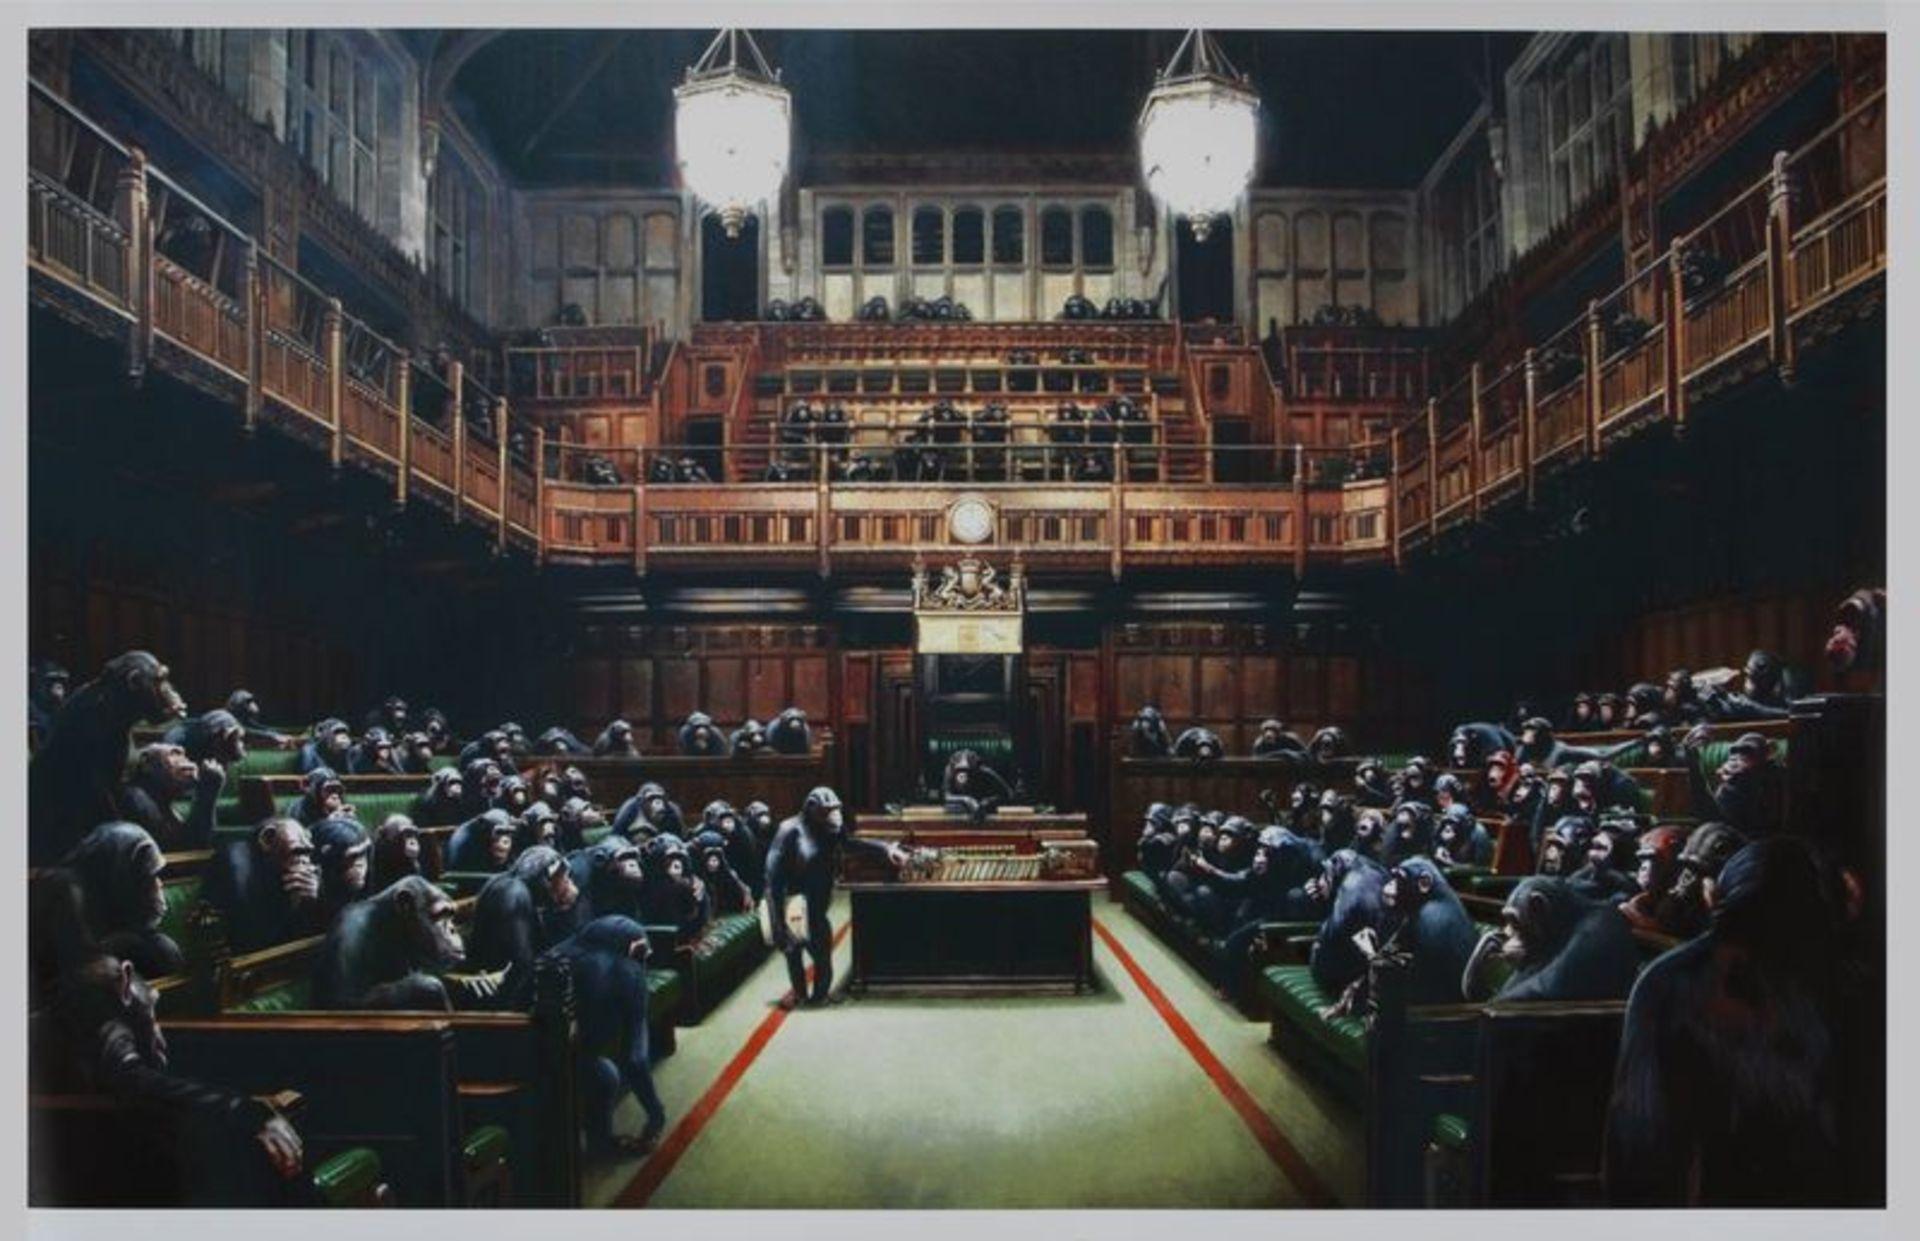 BANKSY (d'après) (1974) - Monkey parliament - 2009 - Impression offset en couleurs [...]